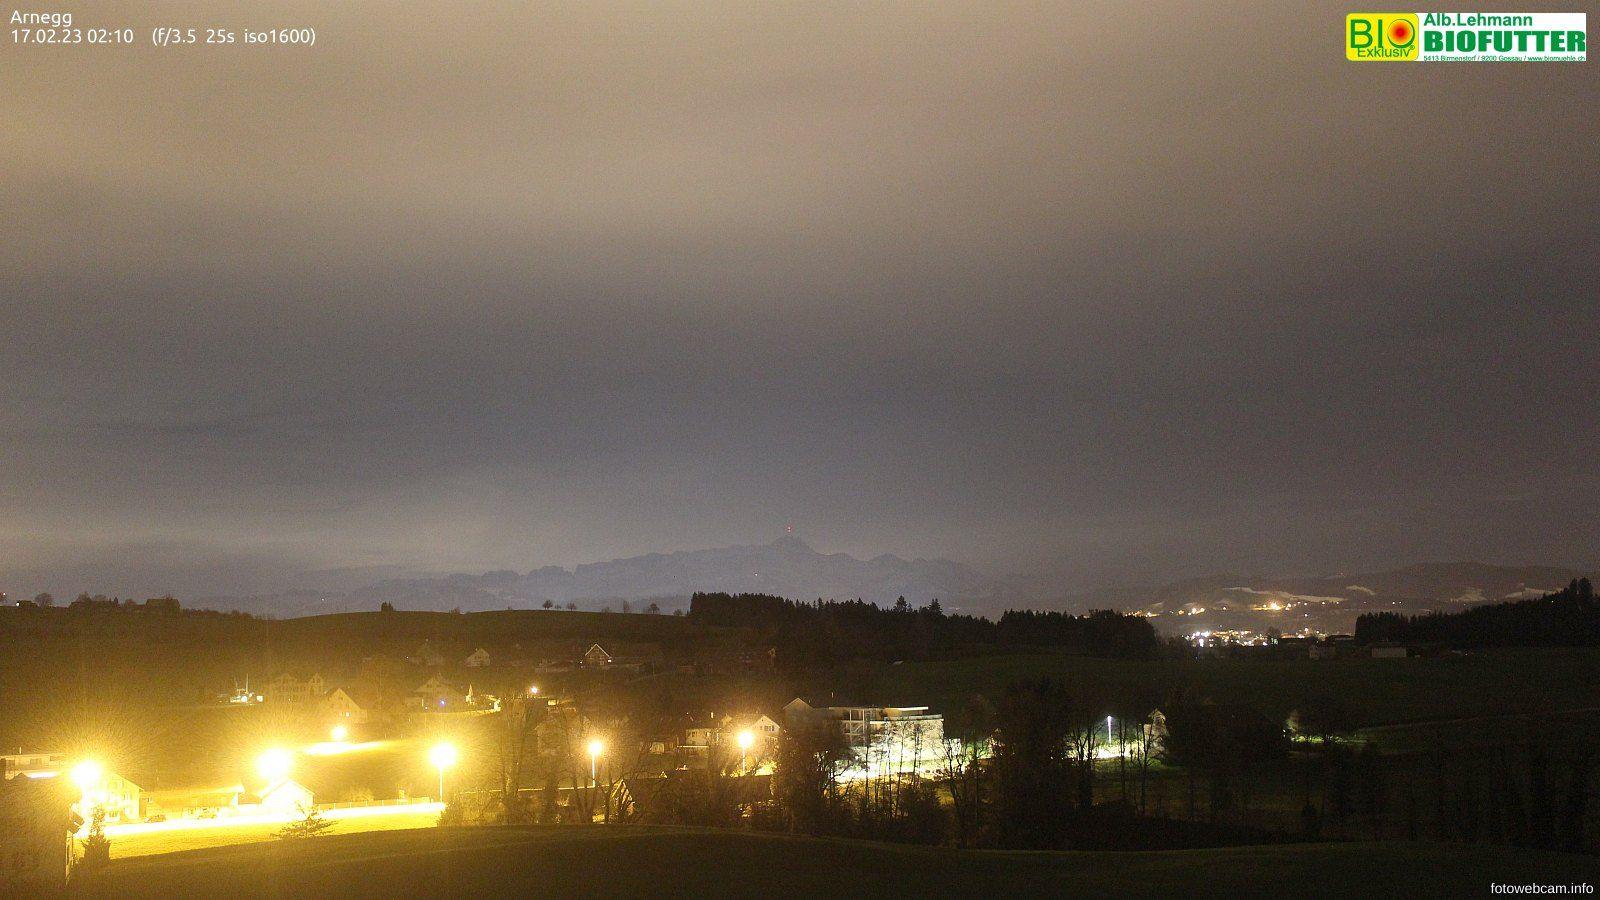 Arnegg › Süd-Ost